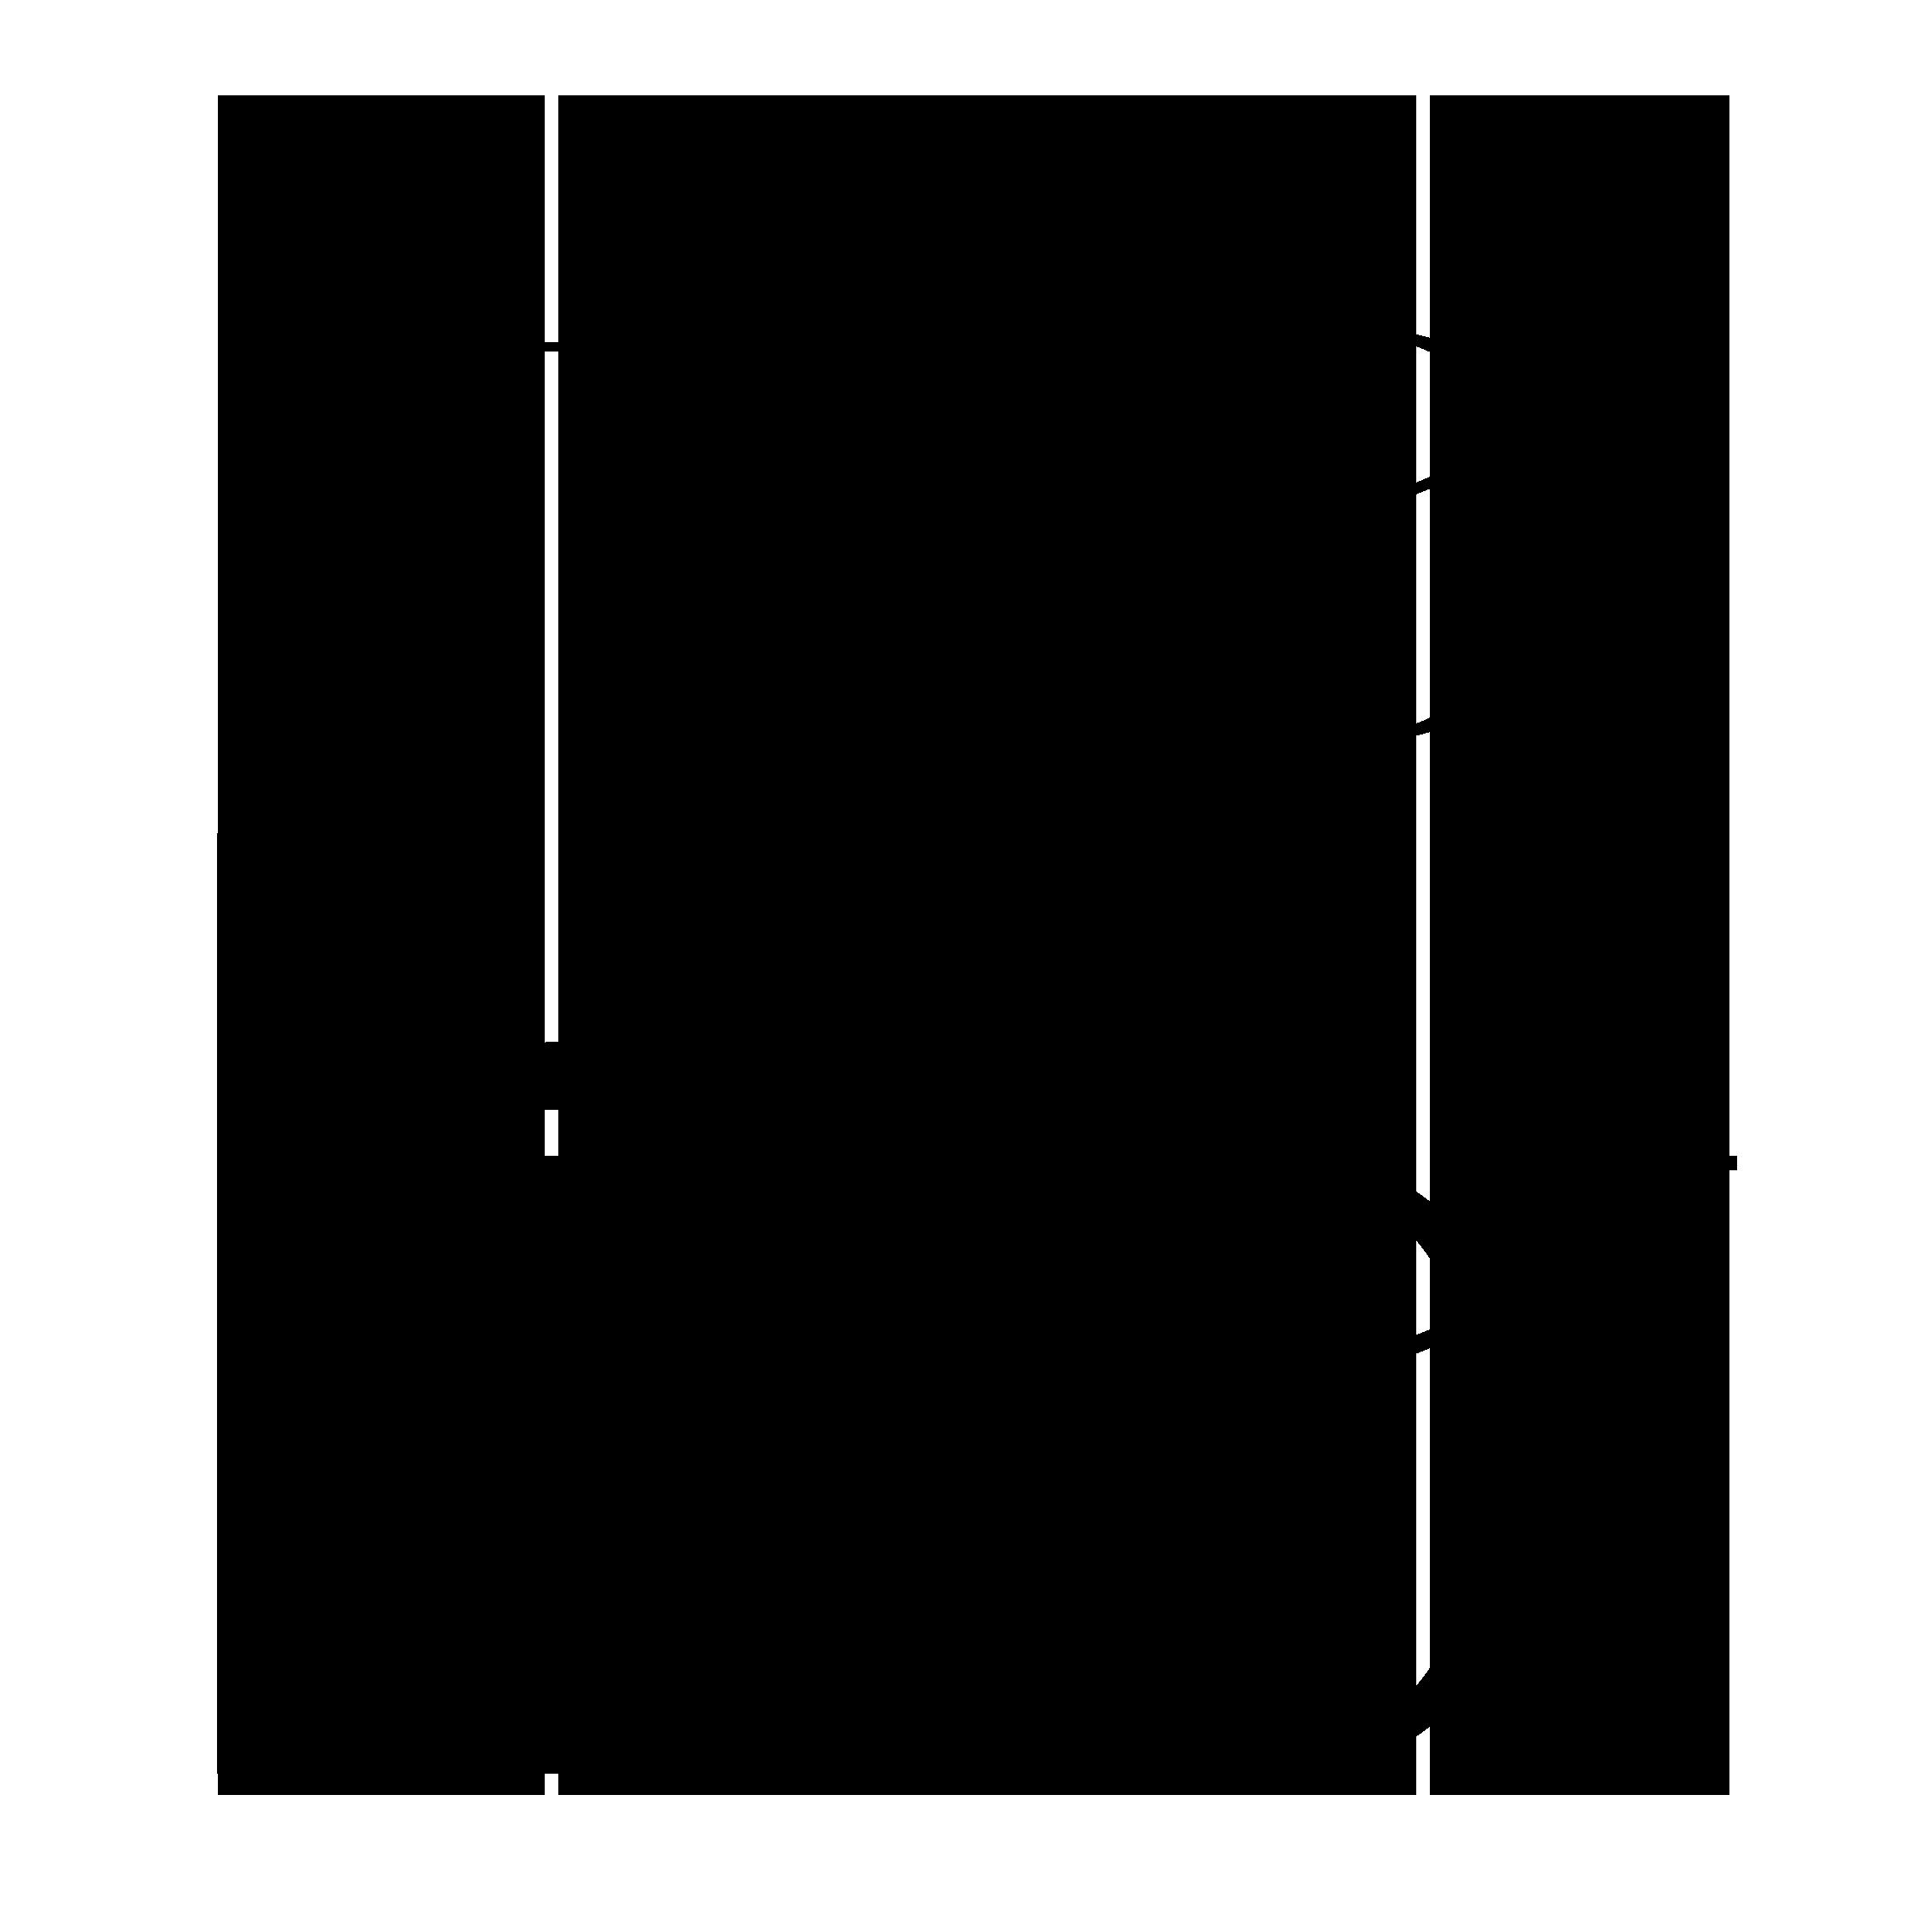 LIL'LET Projektowanie wnętrz Szczecin Logo